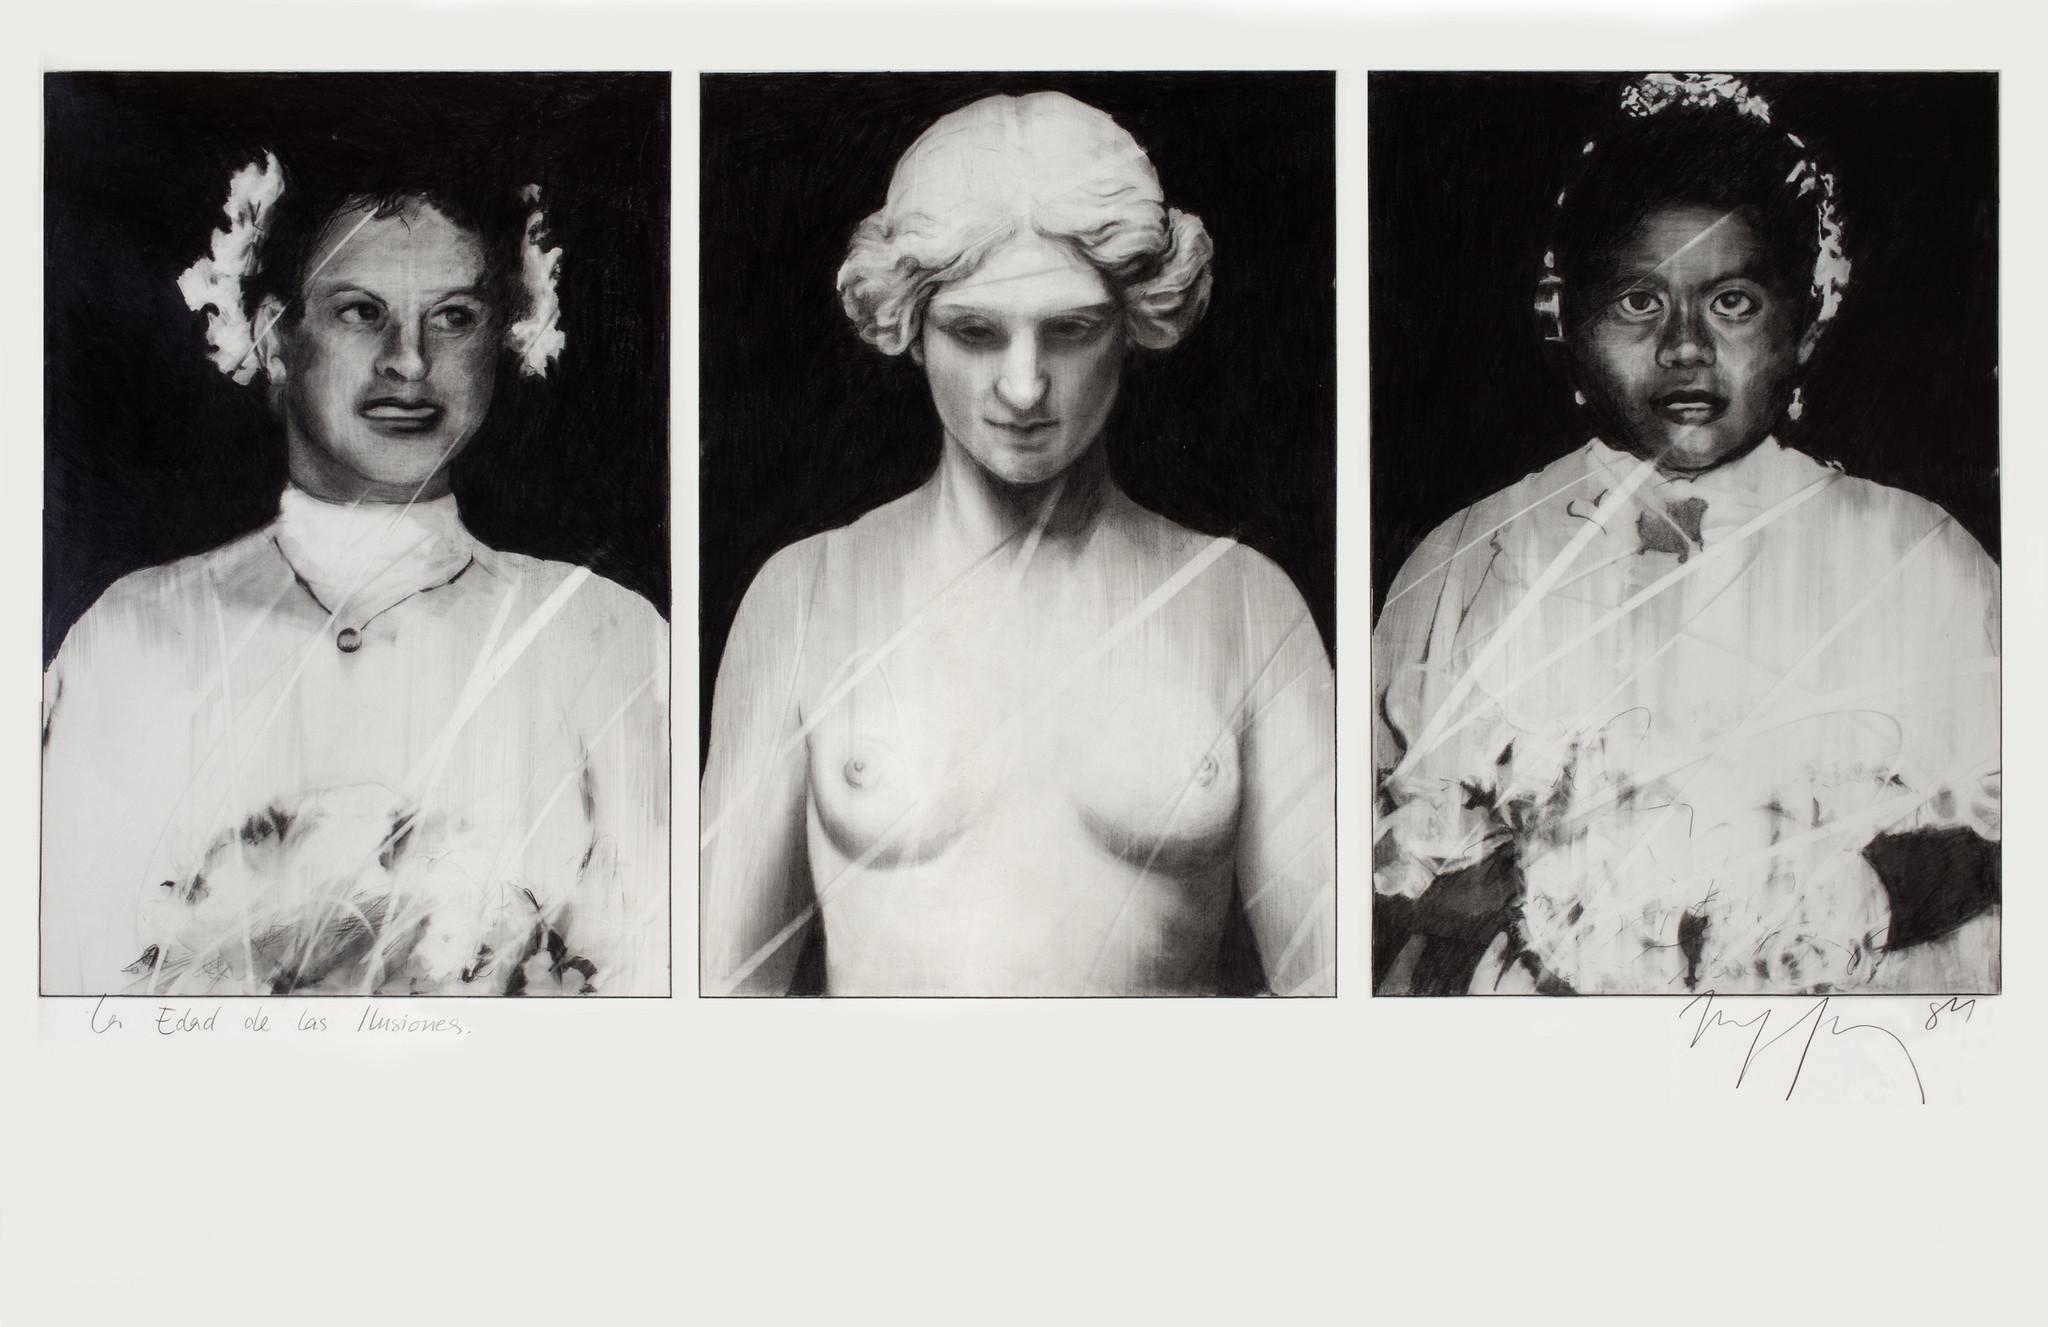 """""""La edad de las ilusiones"""" (The Age of Illusions), 1984, by Carla Rippey."""